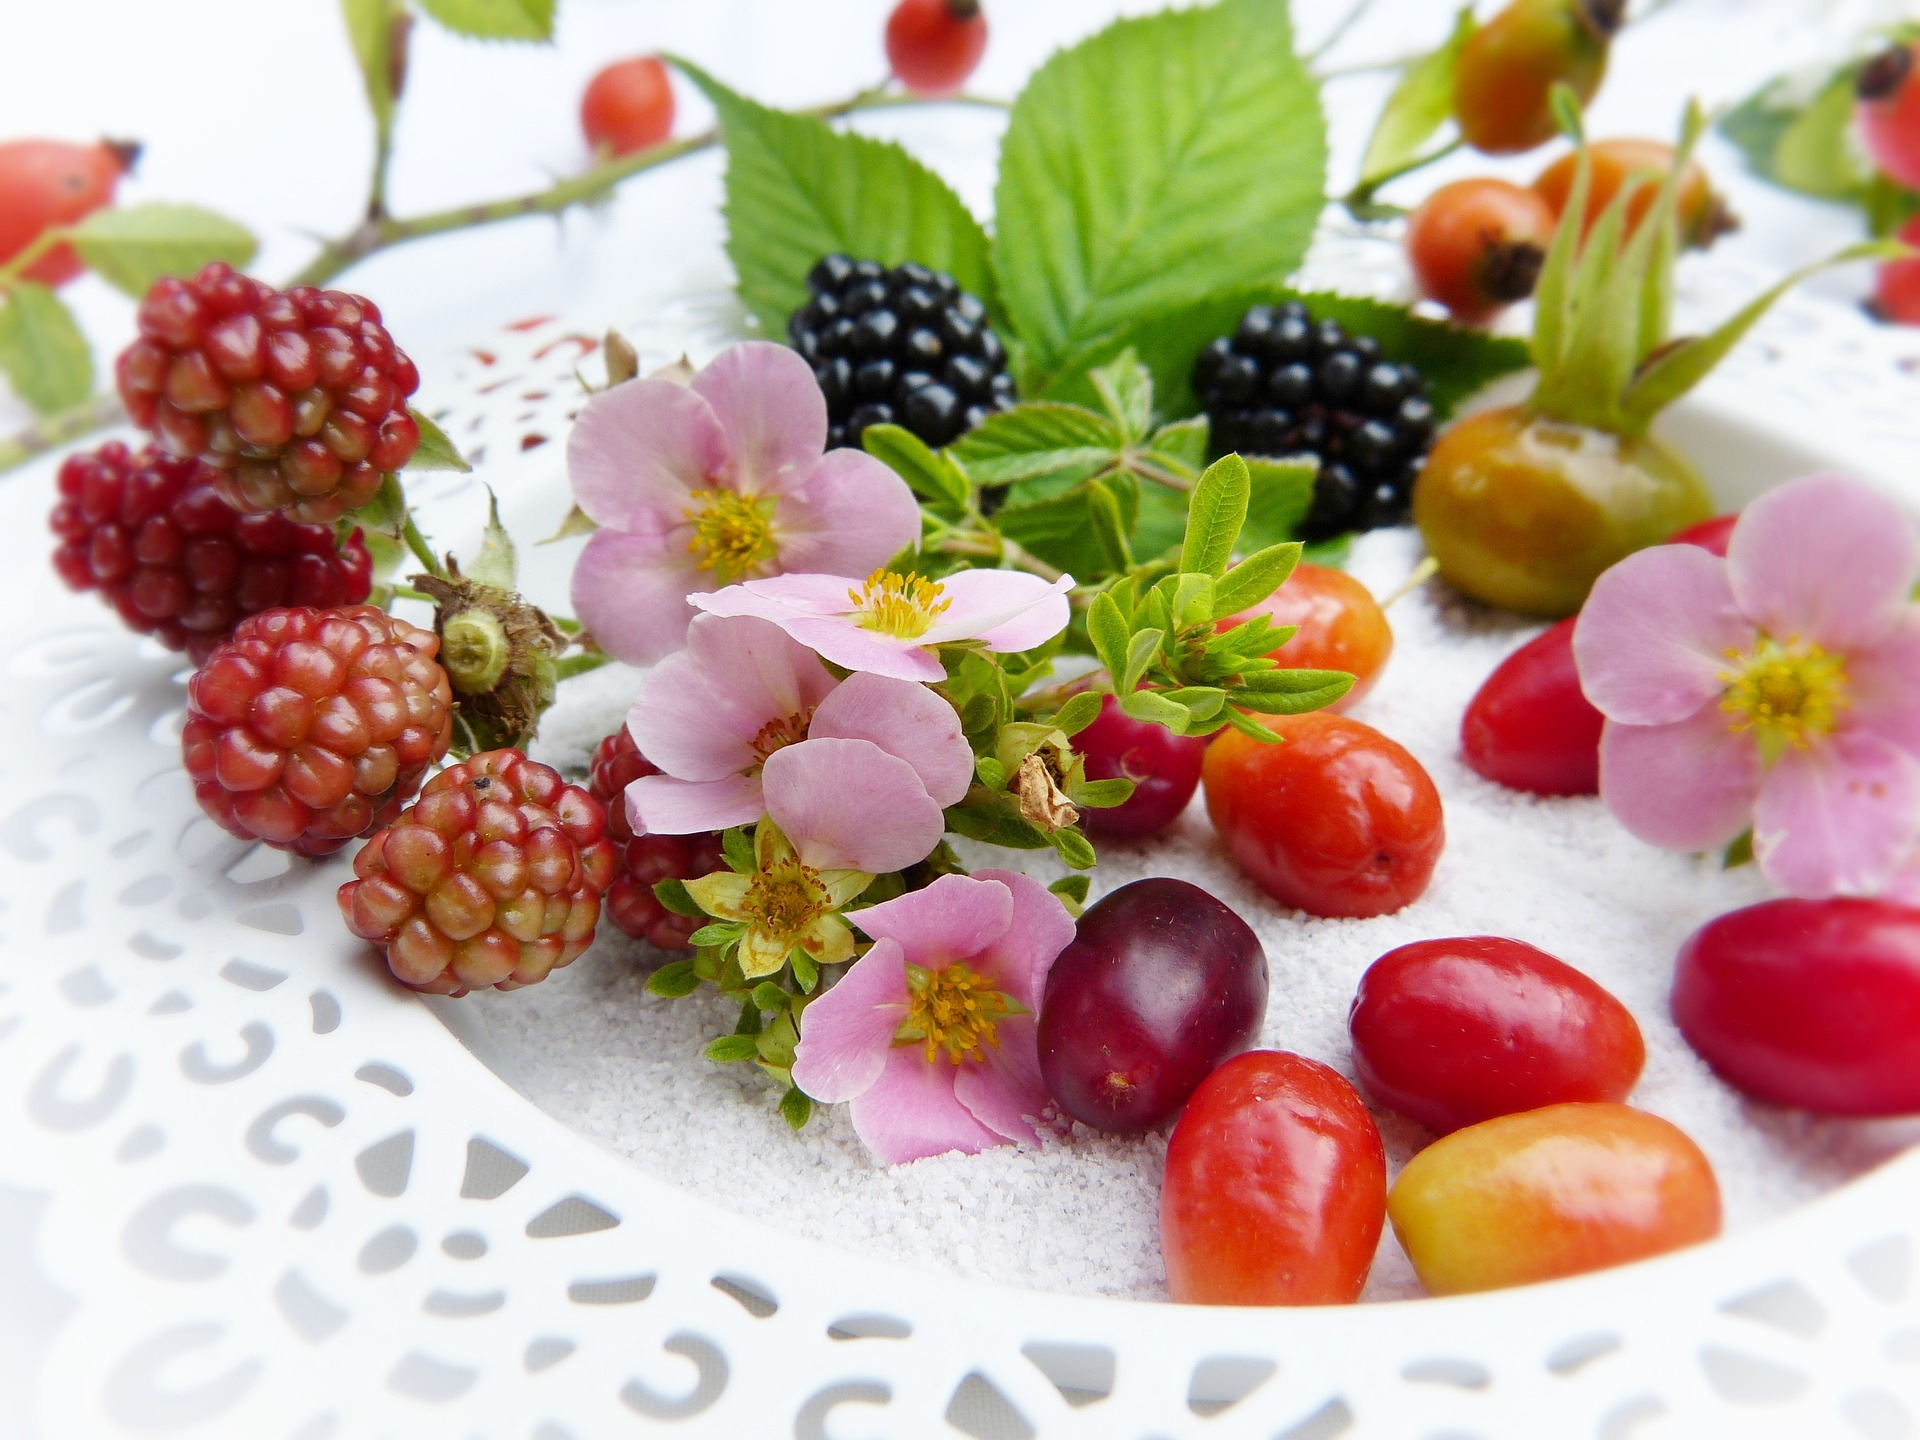 Διατροφικές οδηγίες για την πρόληψη του σακχαρώδους διαβήτη